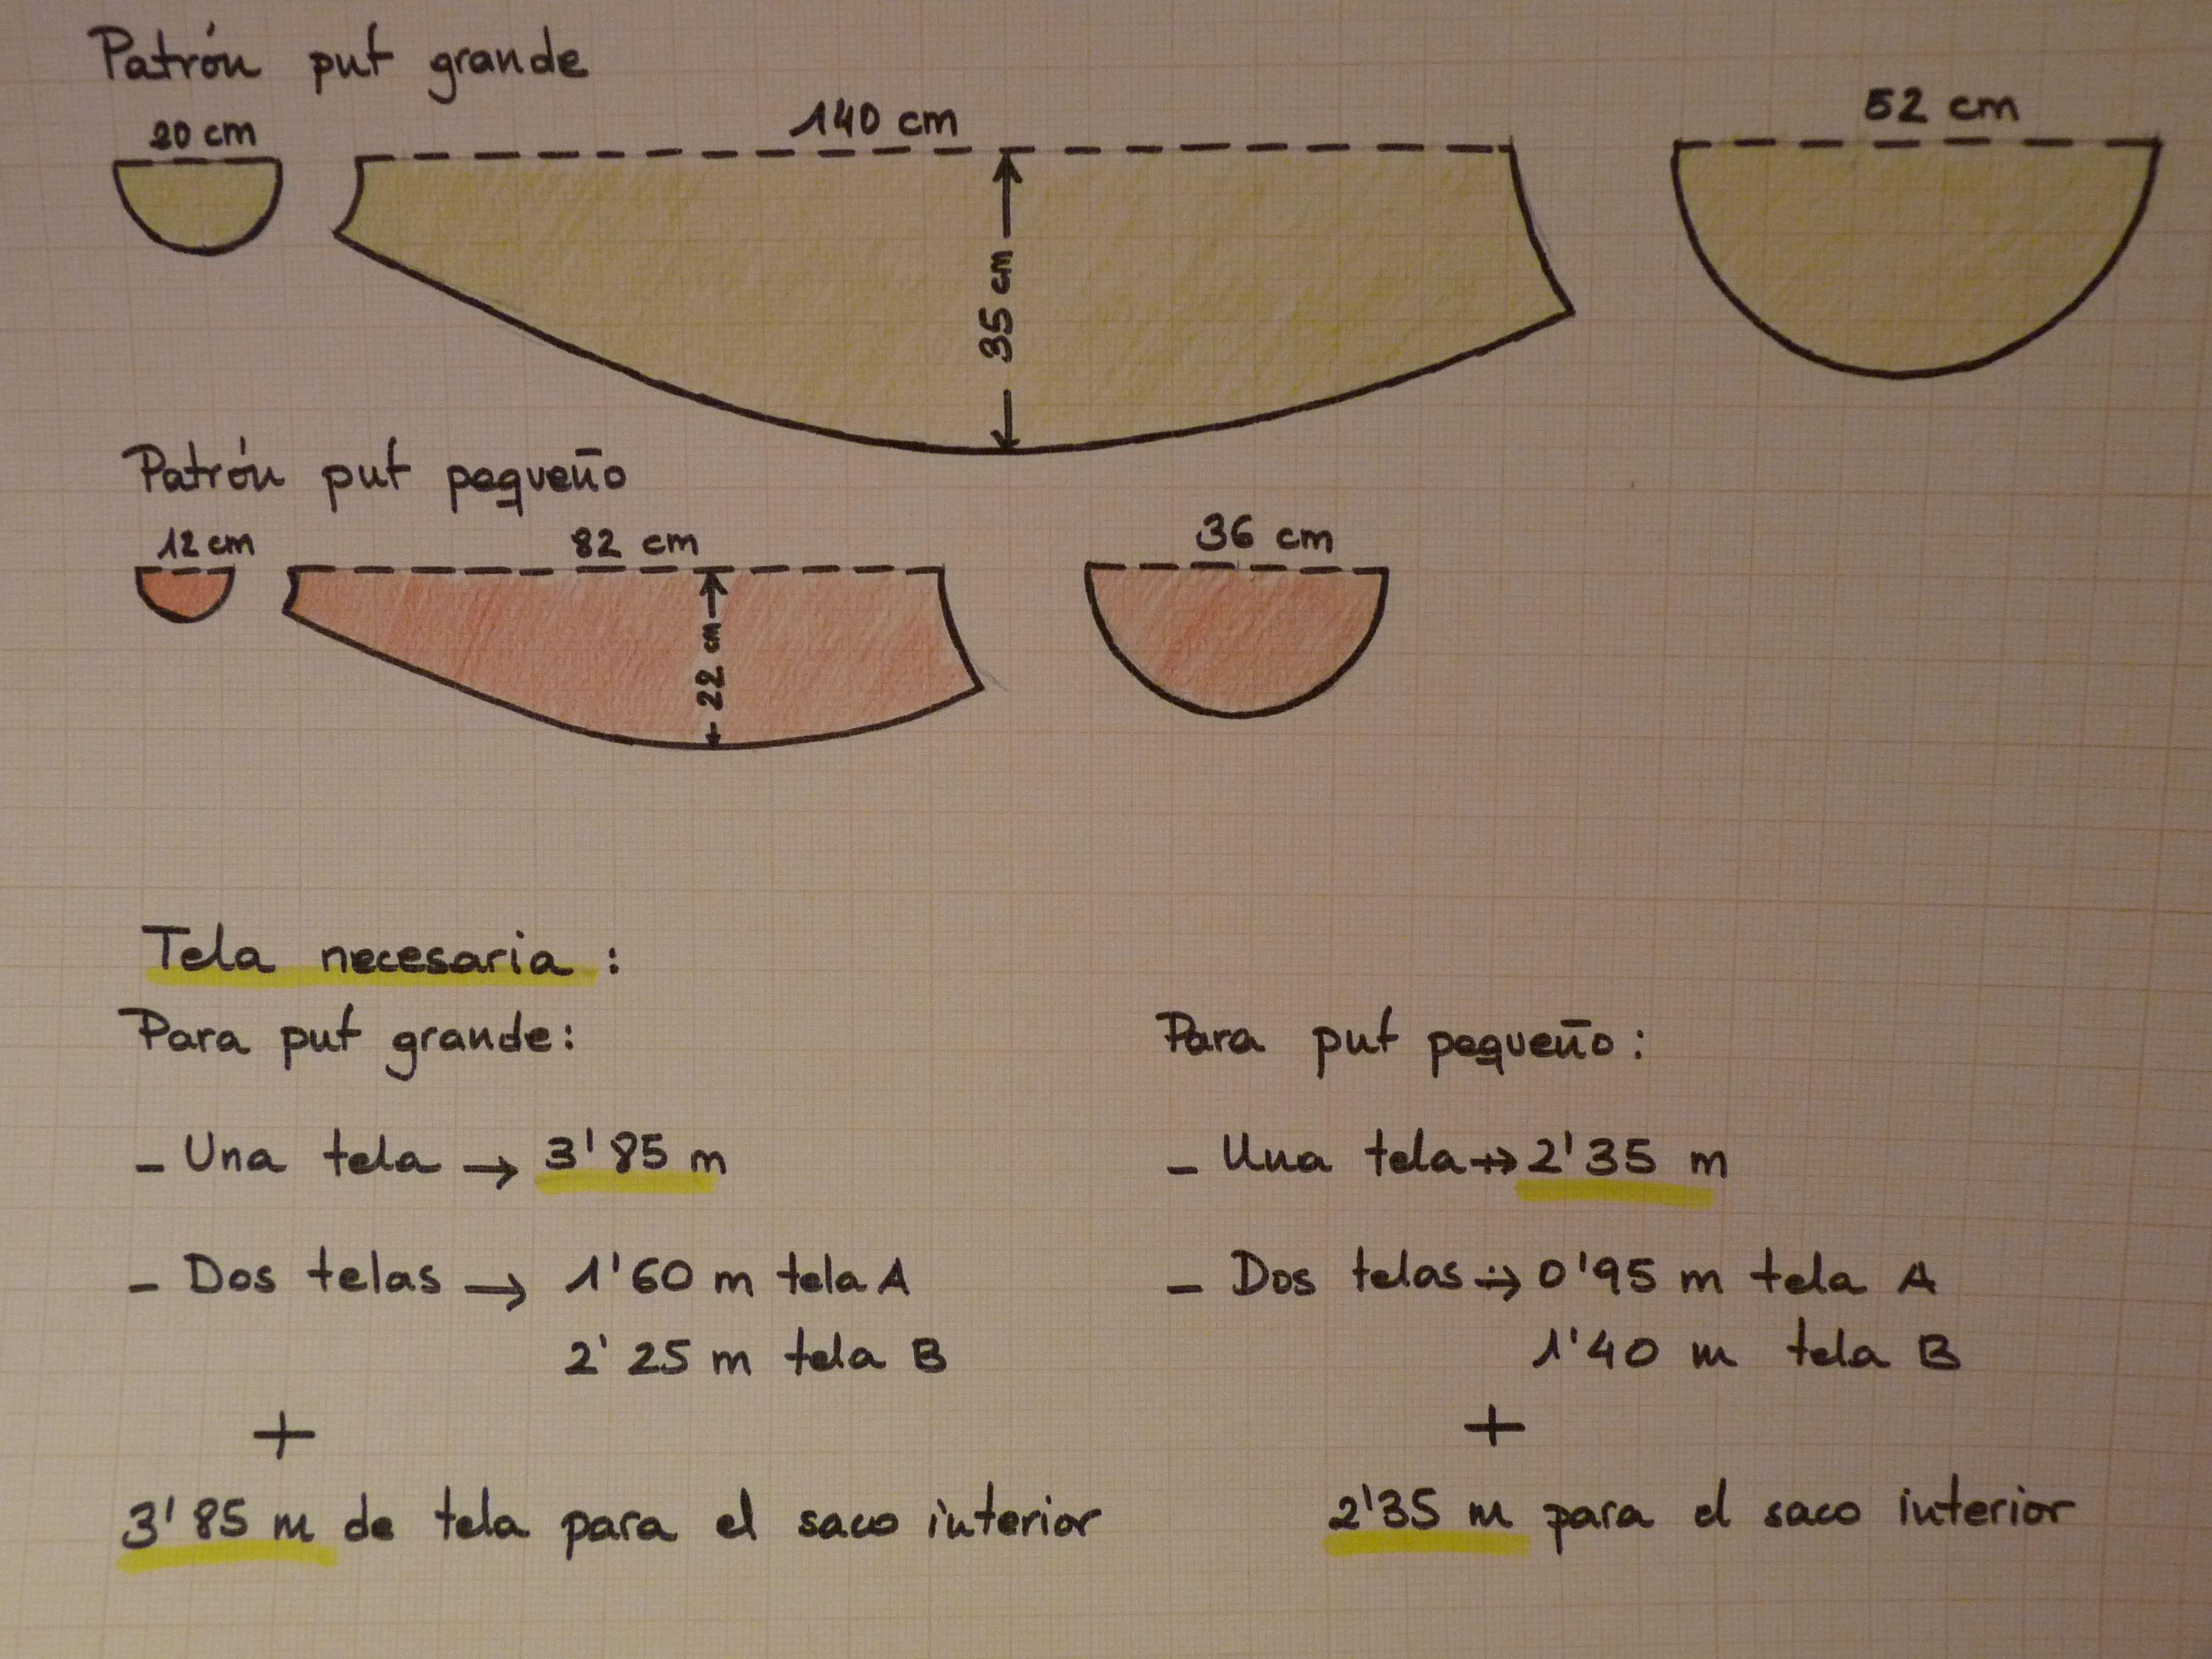 resultado de imagen para como hacer un puff pera - Como Hacer Un Puff Pera